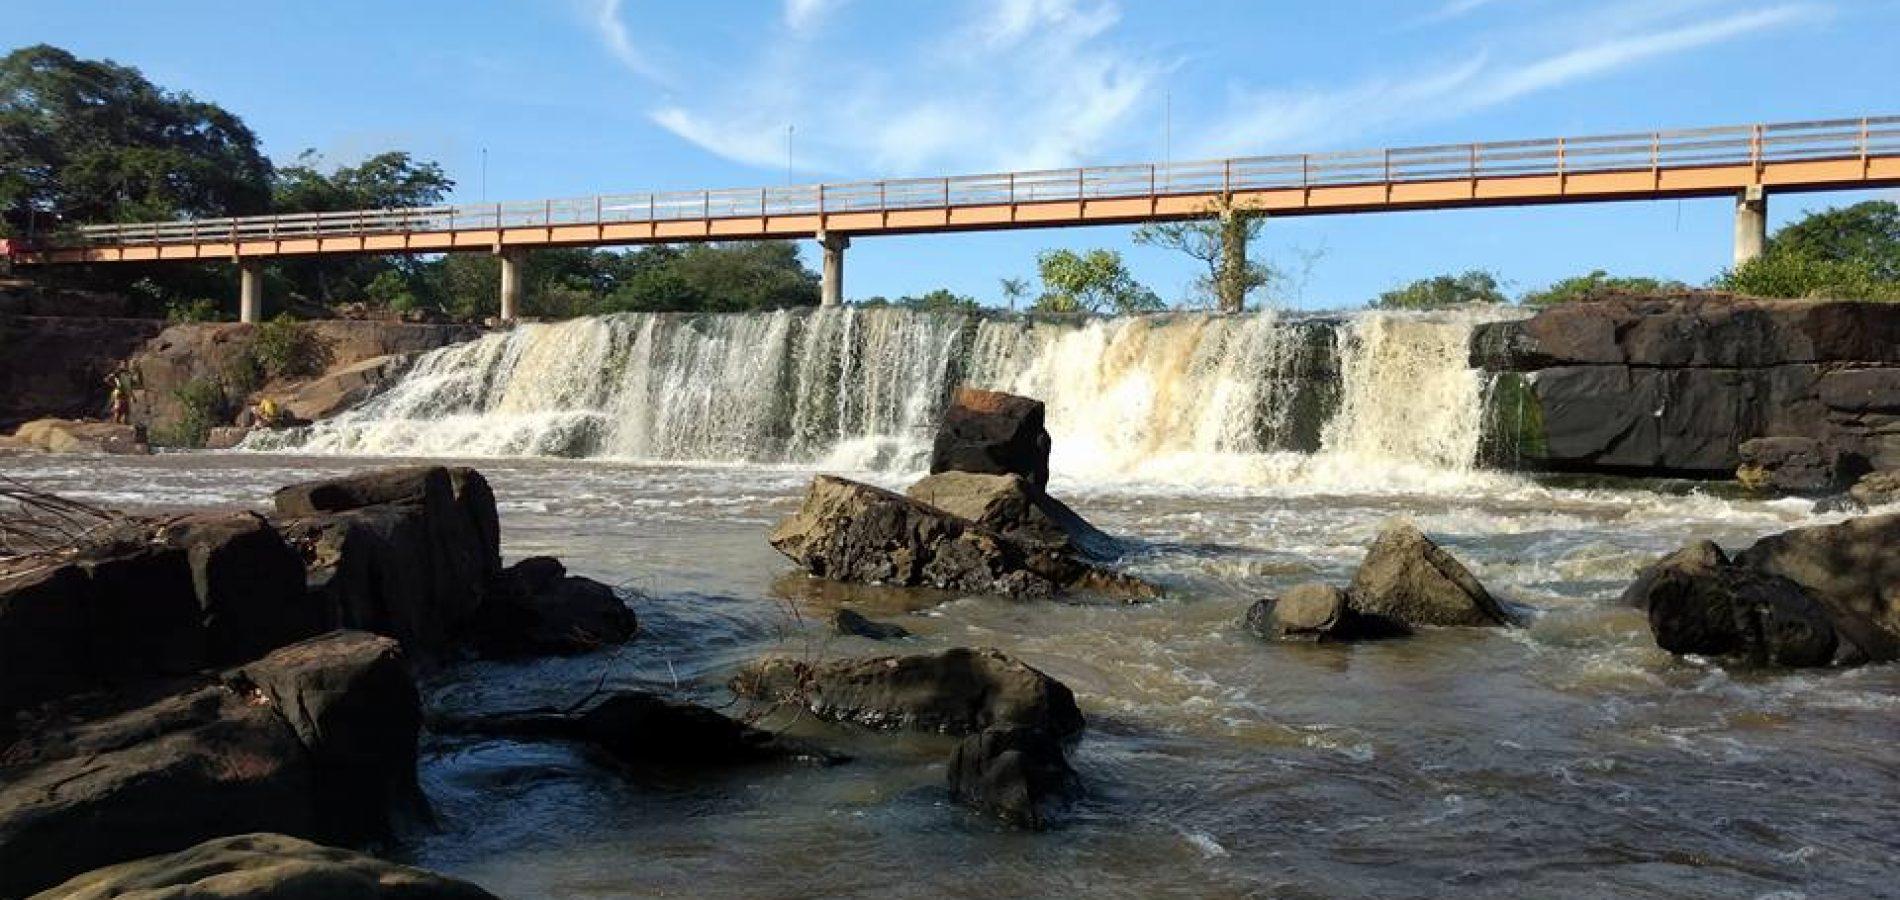 Pescador foi encontrado sem sinais vitais nas rochas da cachoeira (Foto: Bernardo Augusto/ Cidades na Net)